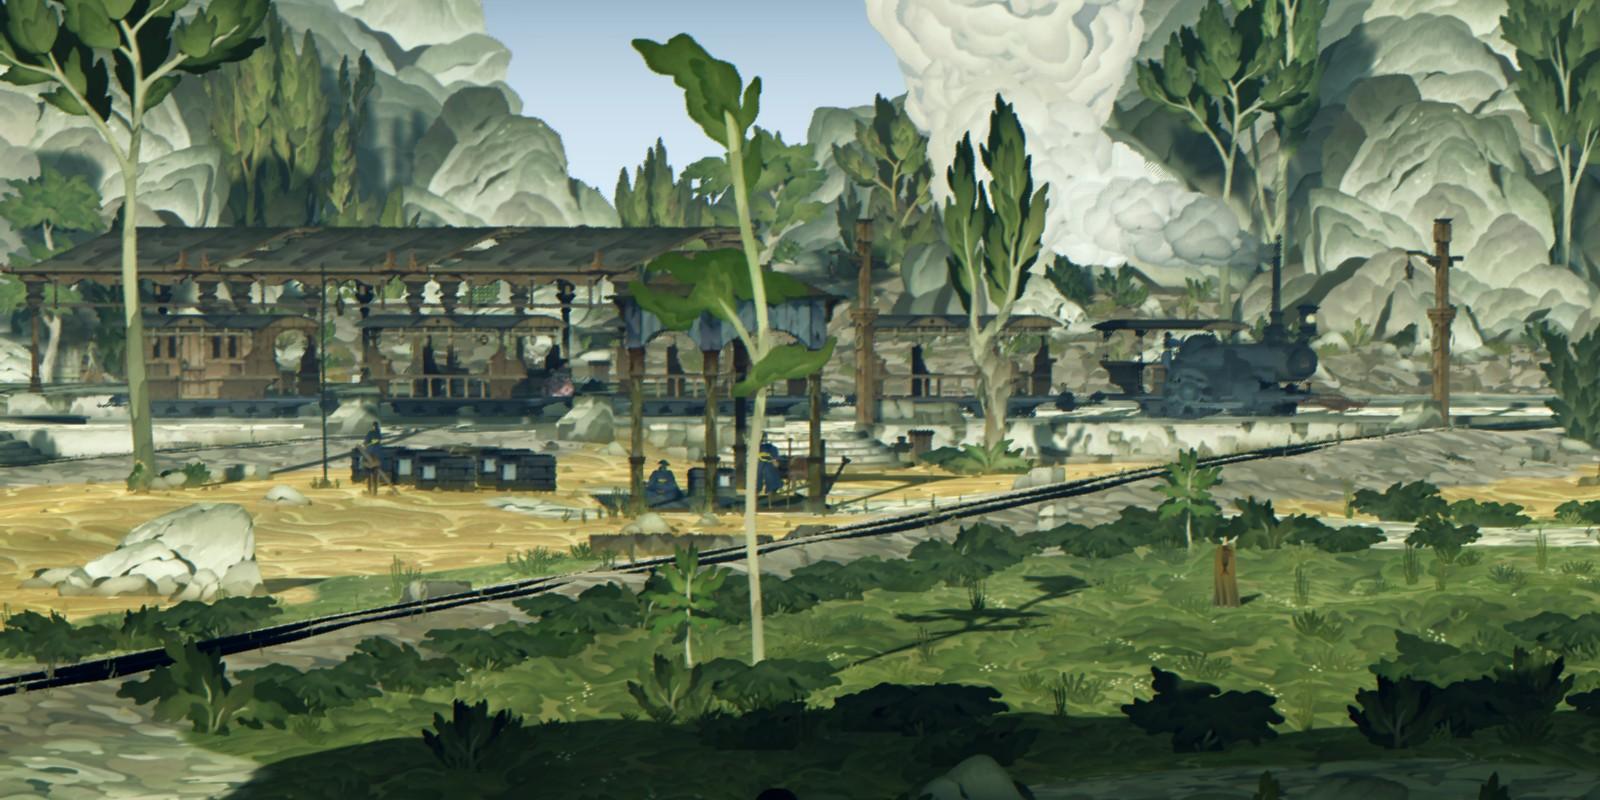 MMO-индустрия: Book of Travels перенесли на конец лета, в Crowfall скрывают онлайн, авторы Fractured обнаружили в своей игре ганкбокс